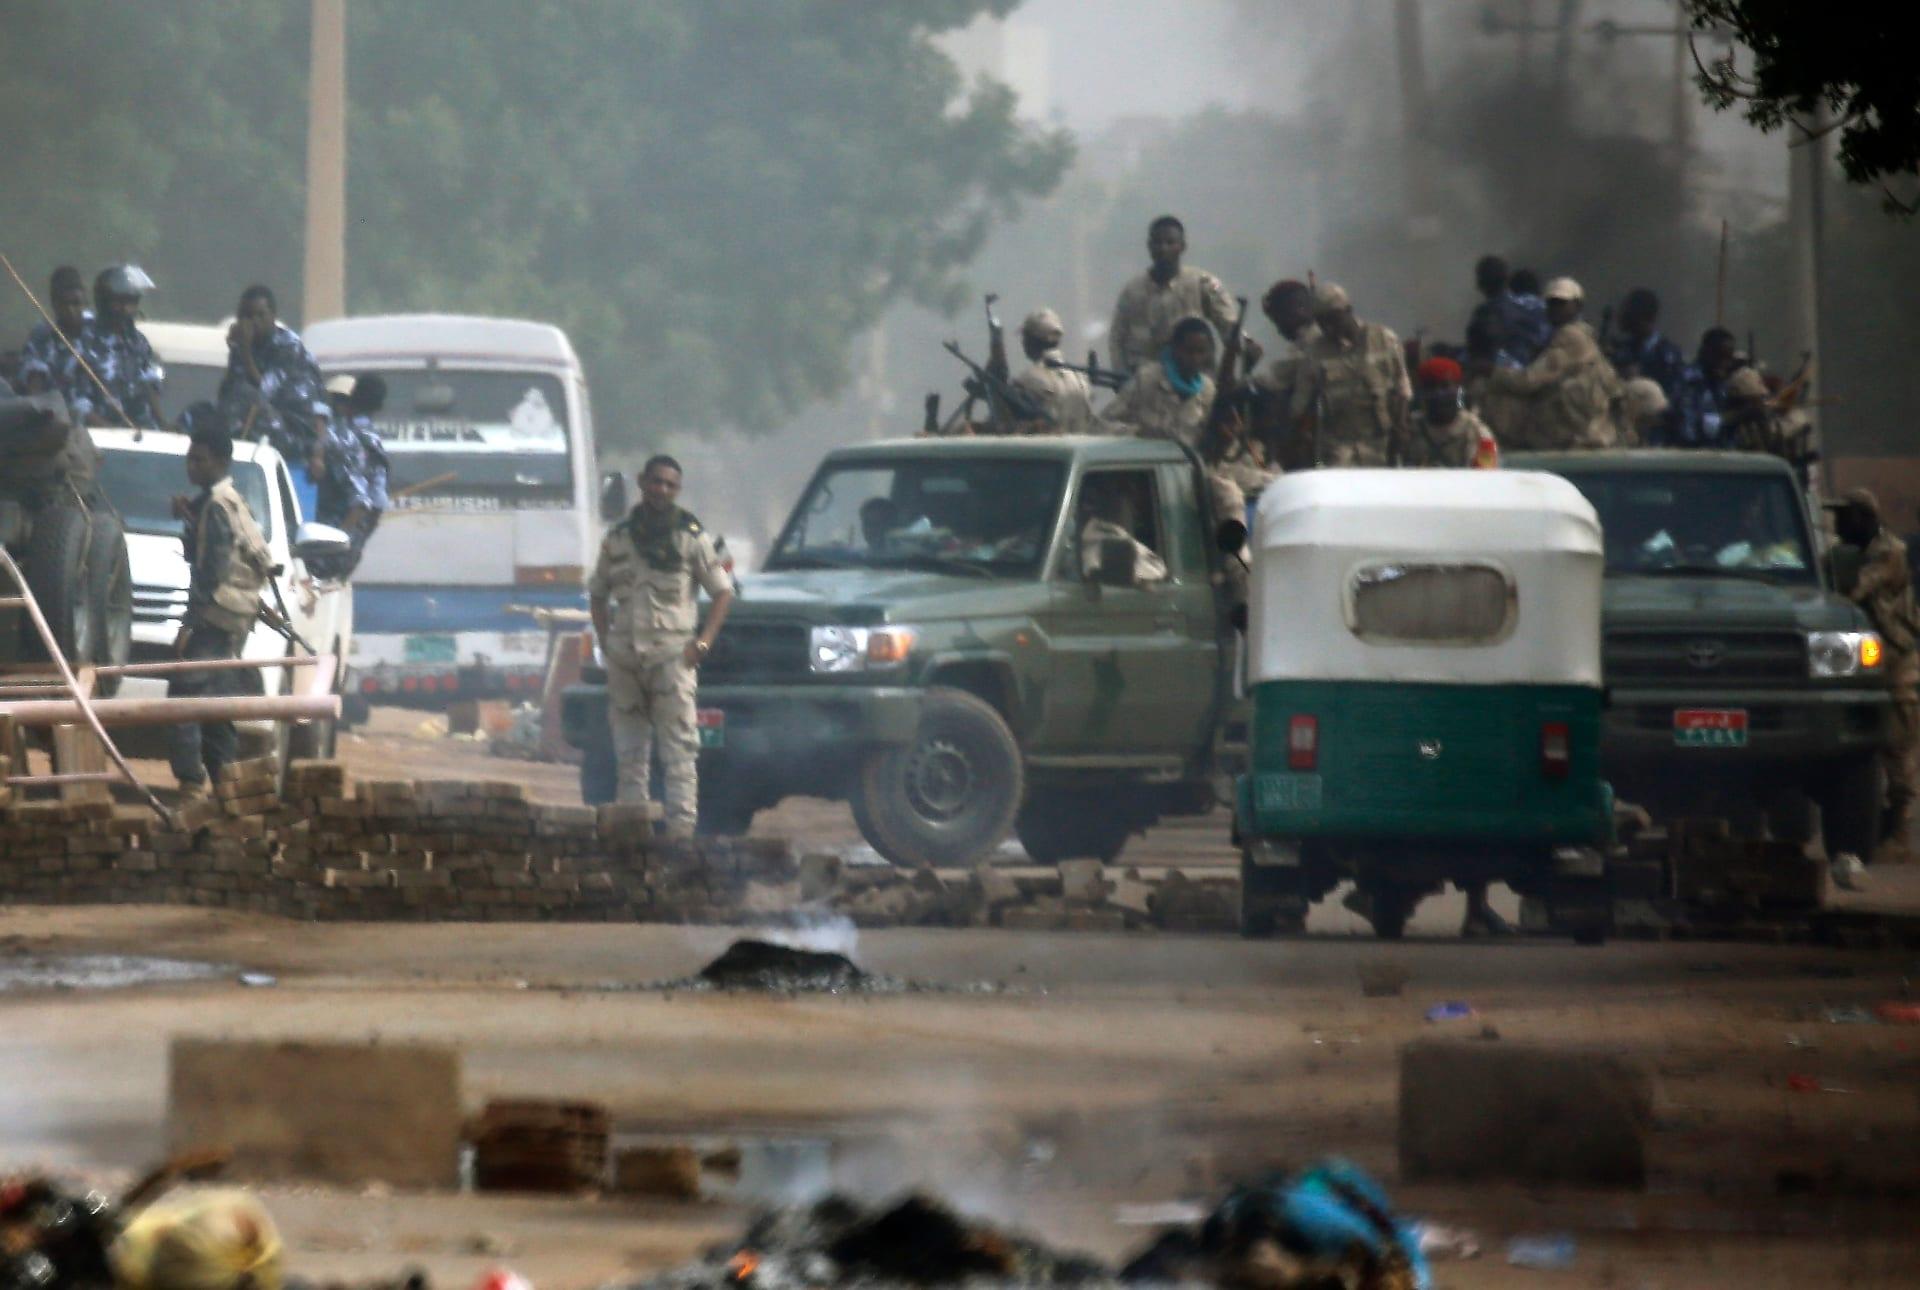 السفارة الأمريكية في السودان تطالب بوقف الهجمات ضد المتظاهرين